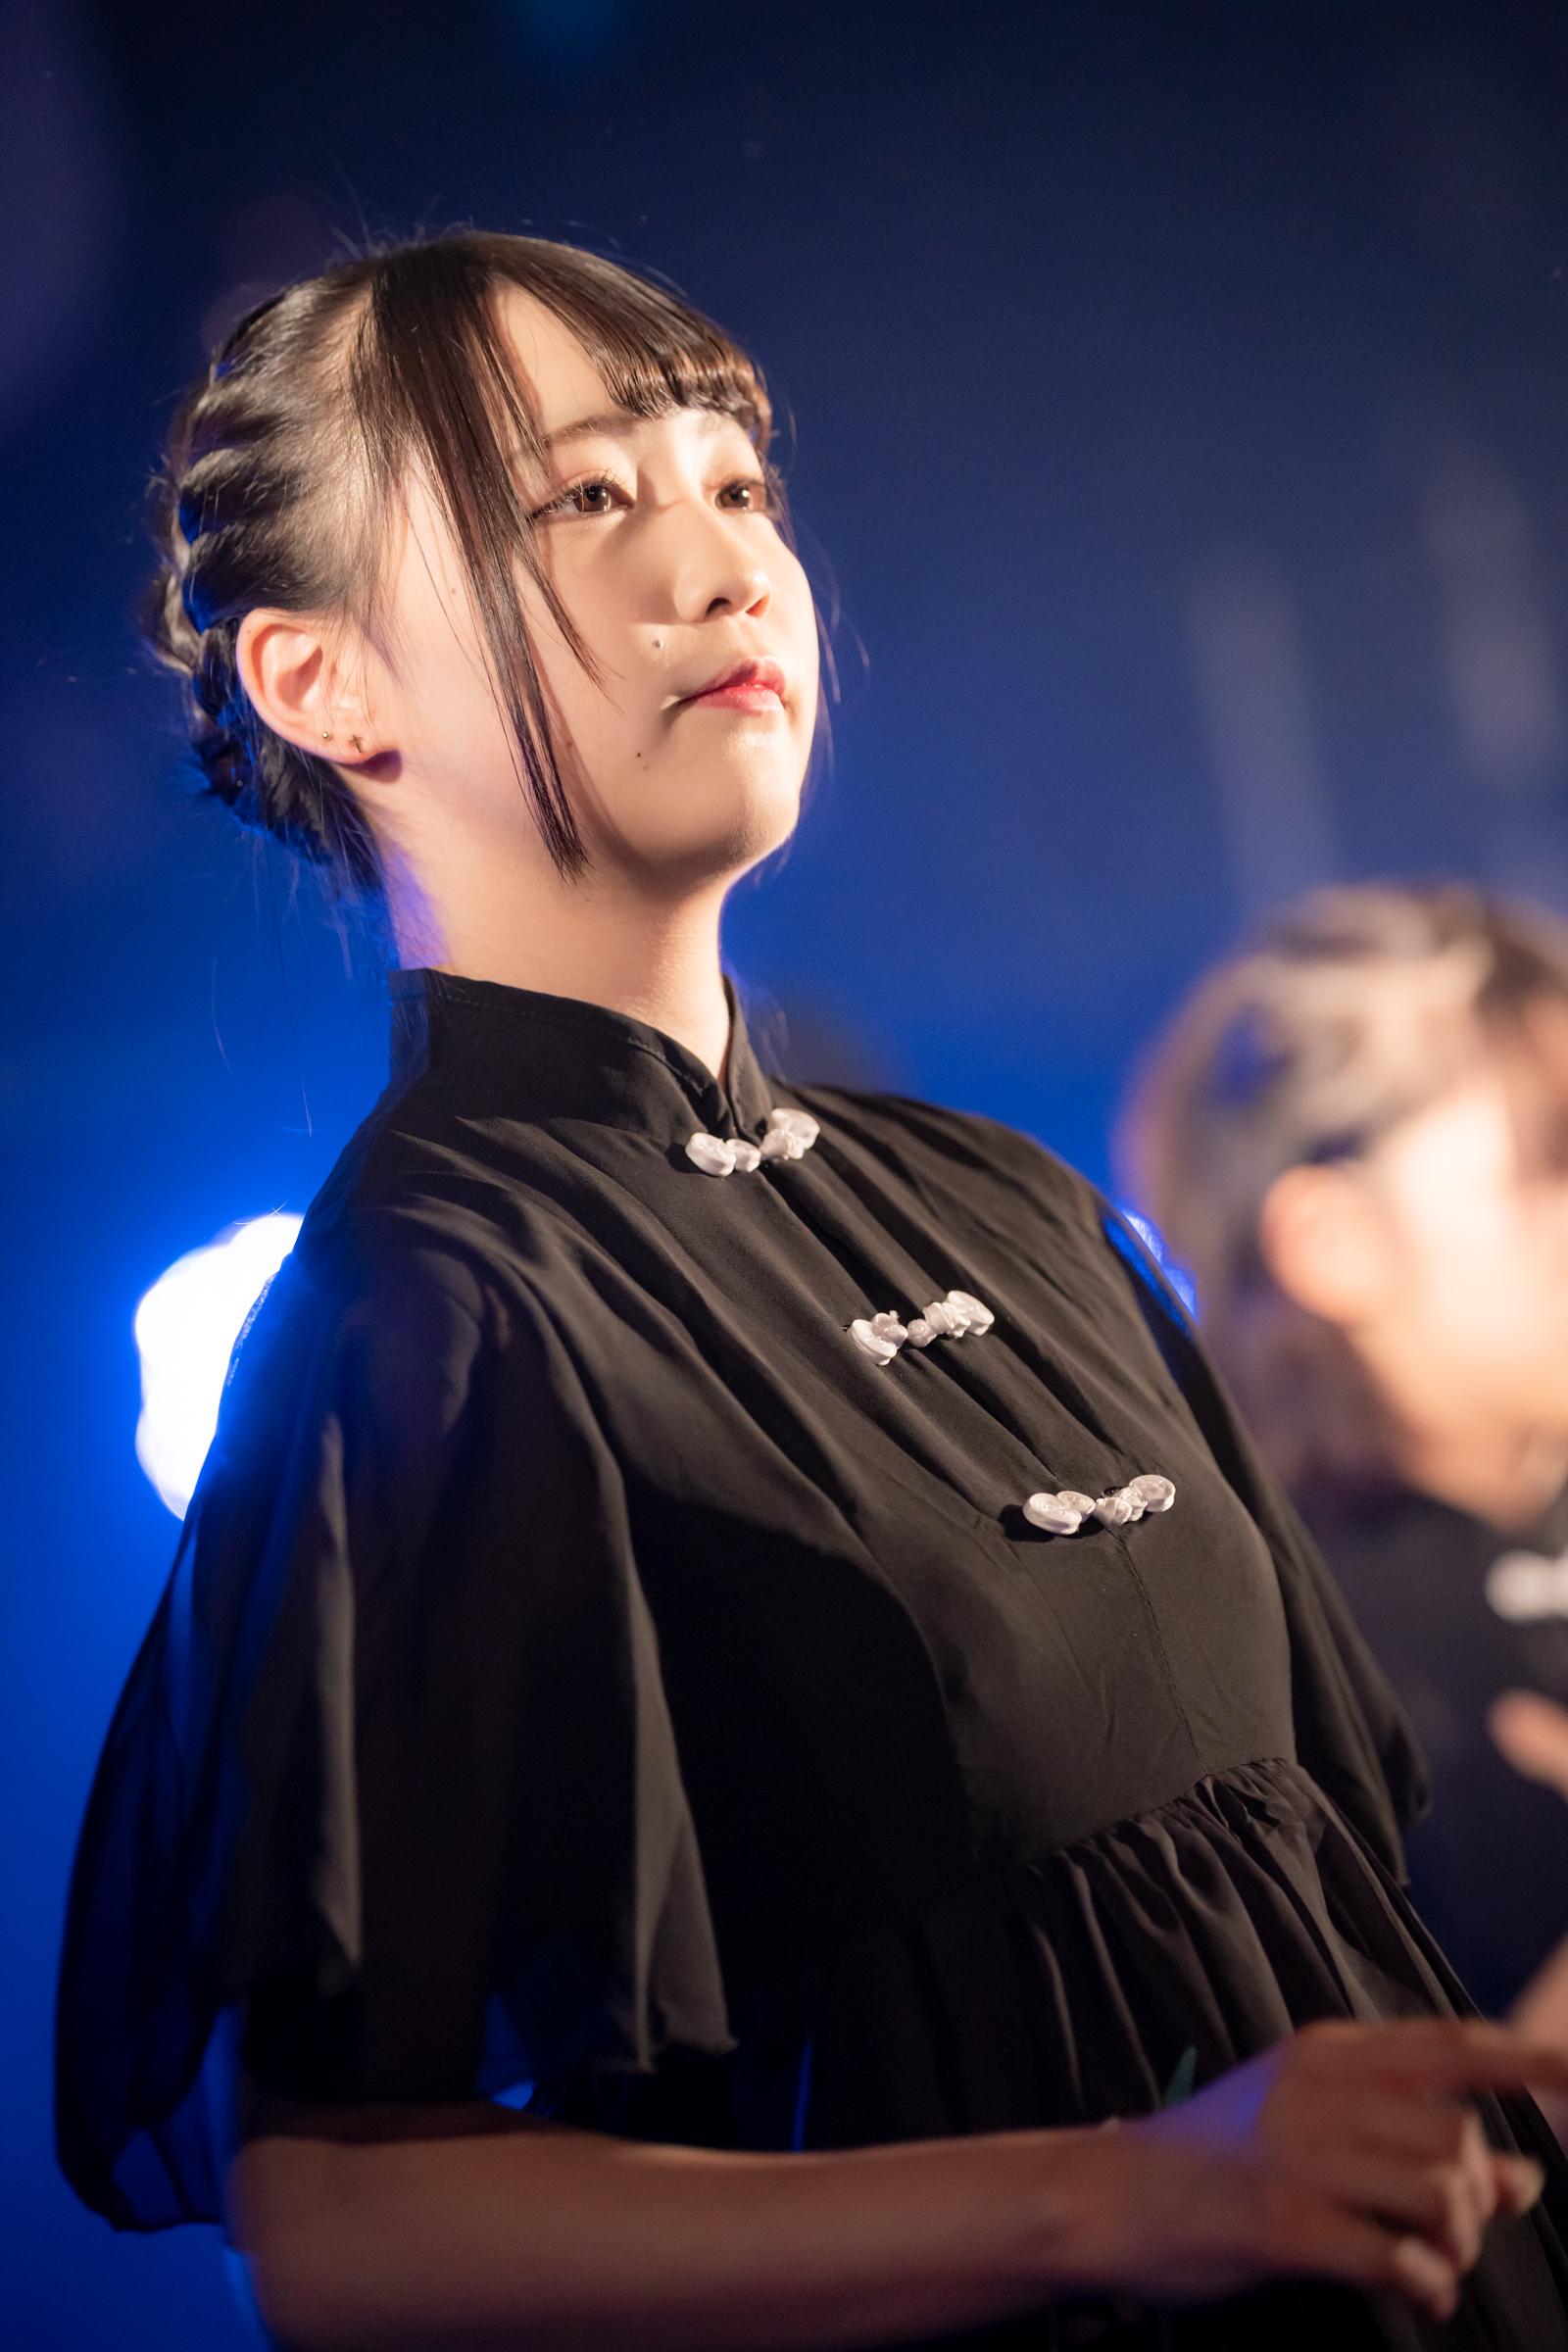 フルーティー♡ きょうか ( 宮崎杏花 ) | フルーティー定期公演フルーツバスケット~おまる生誕~